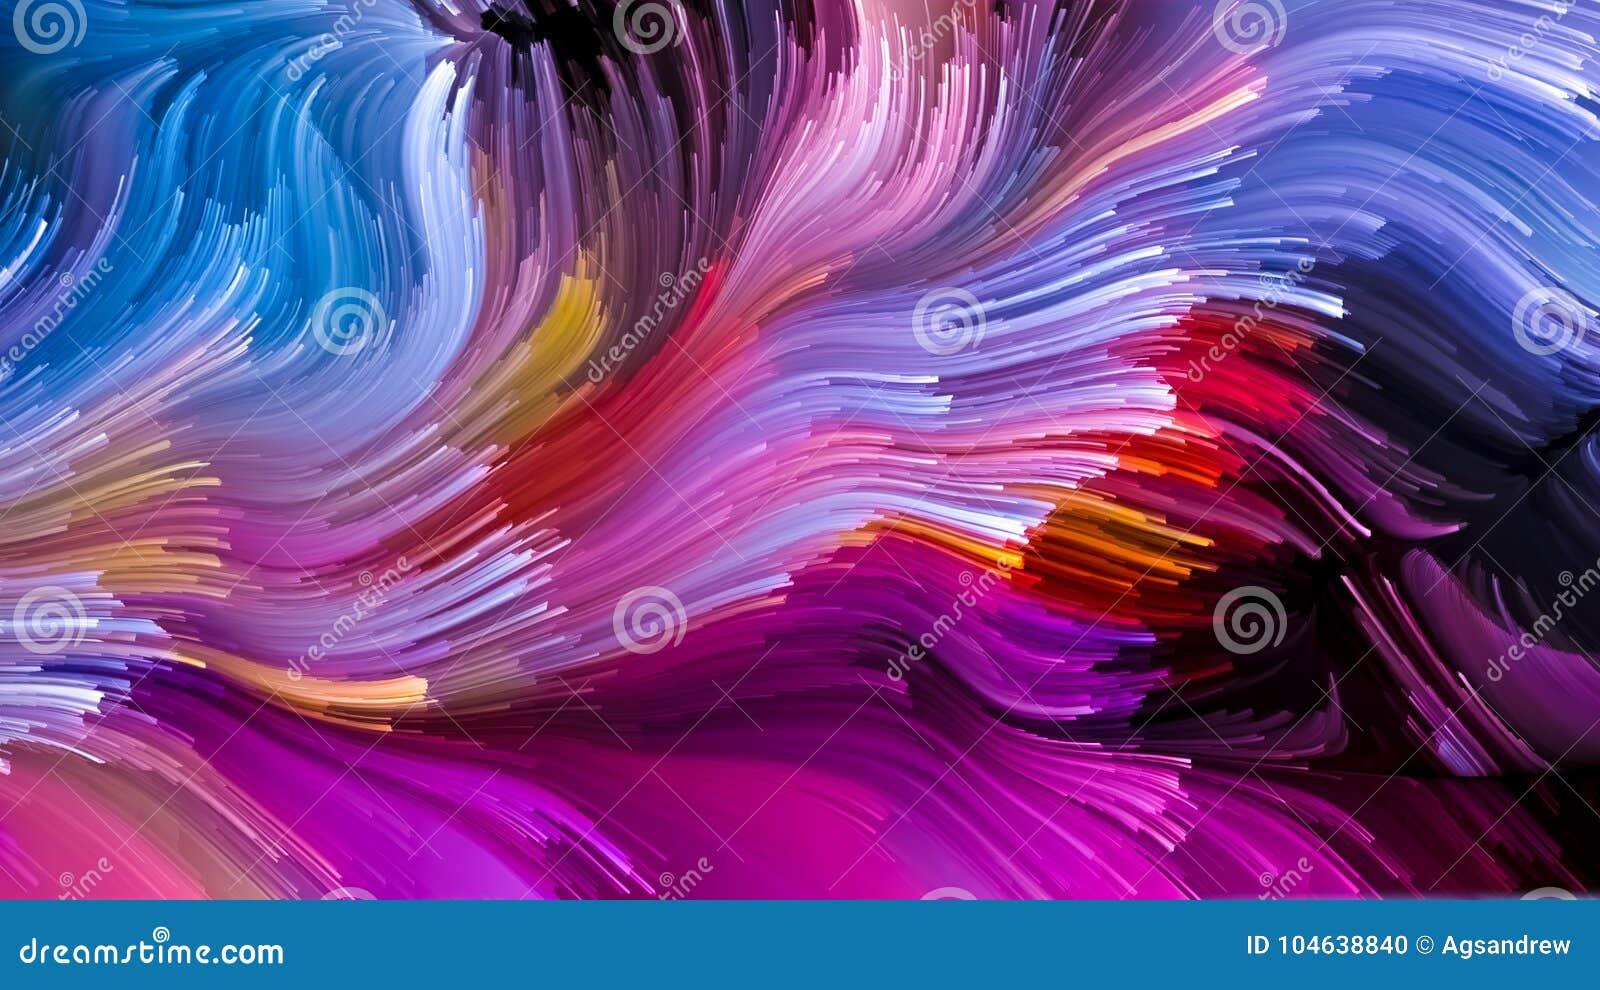 Download Toevallige Vloeibare Kleur stock illustratie. Illustratie bestaande uit samenstelling - 104638840